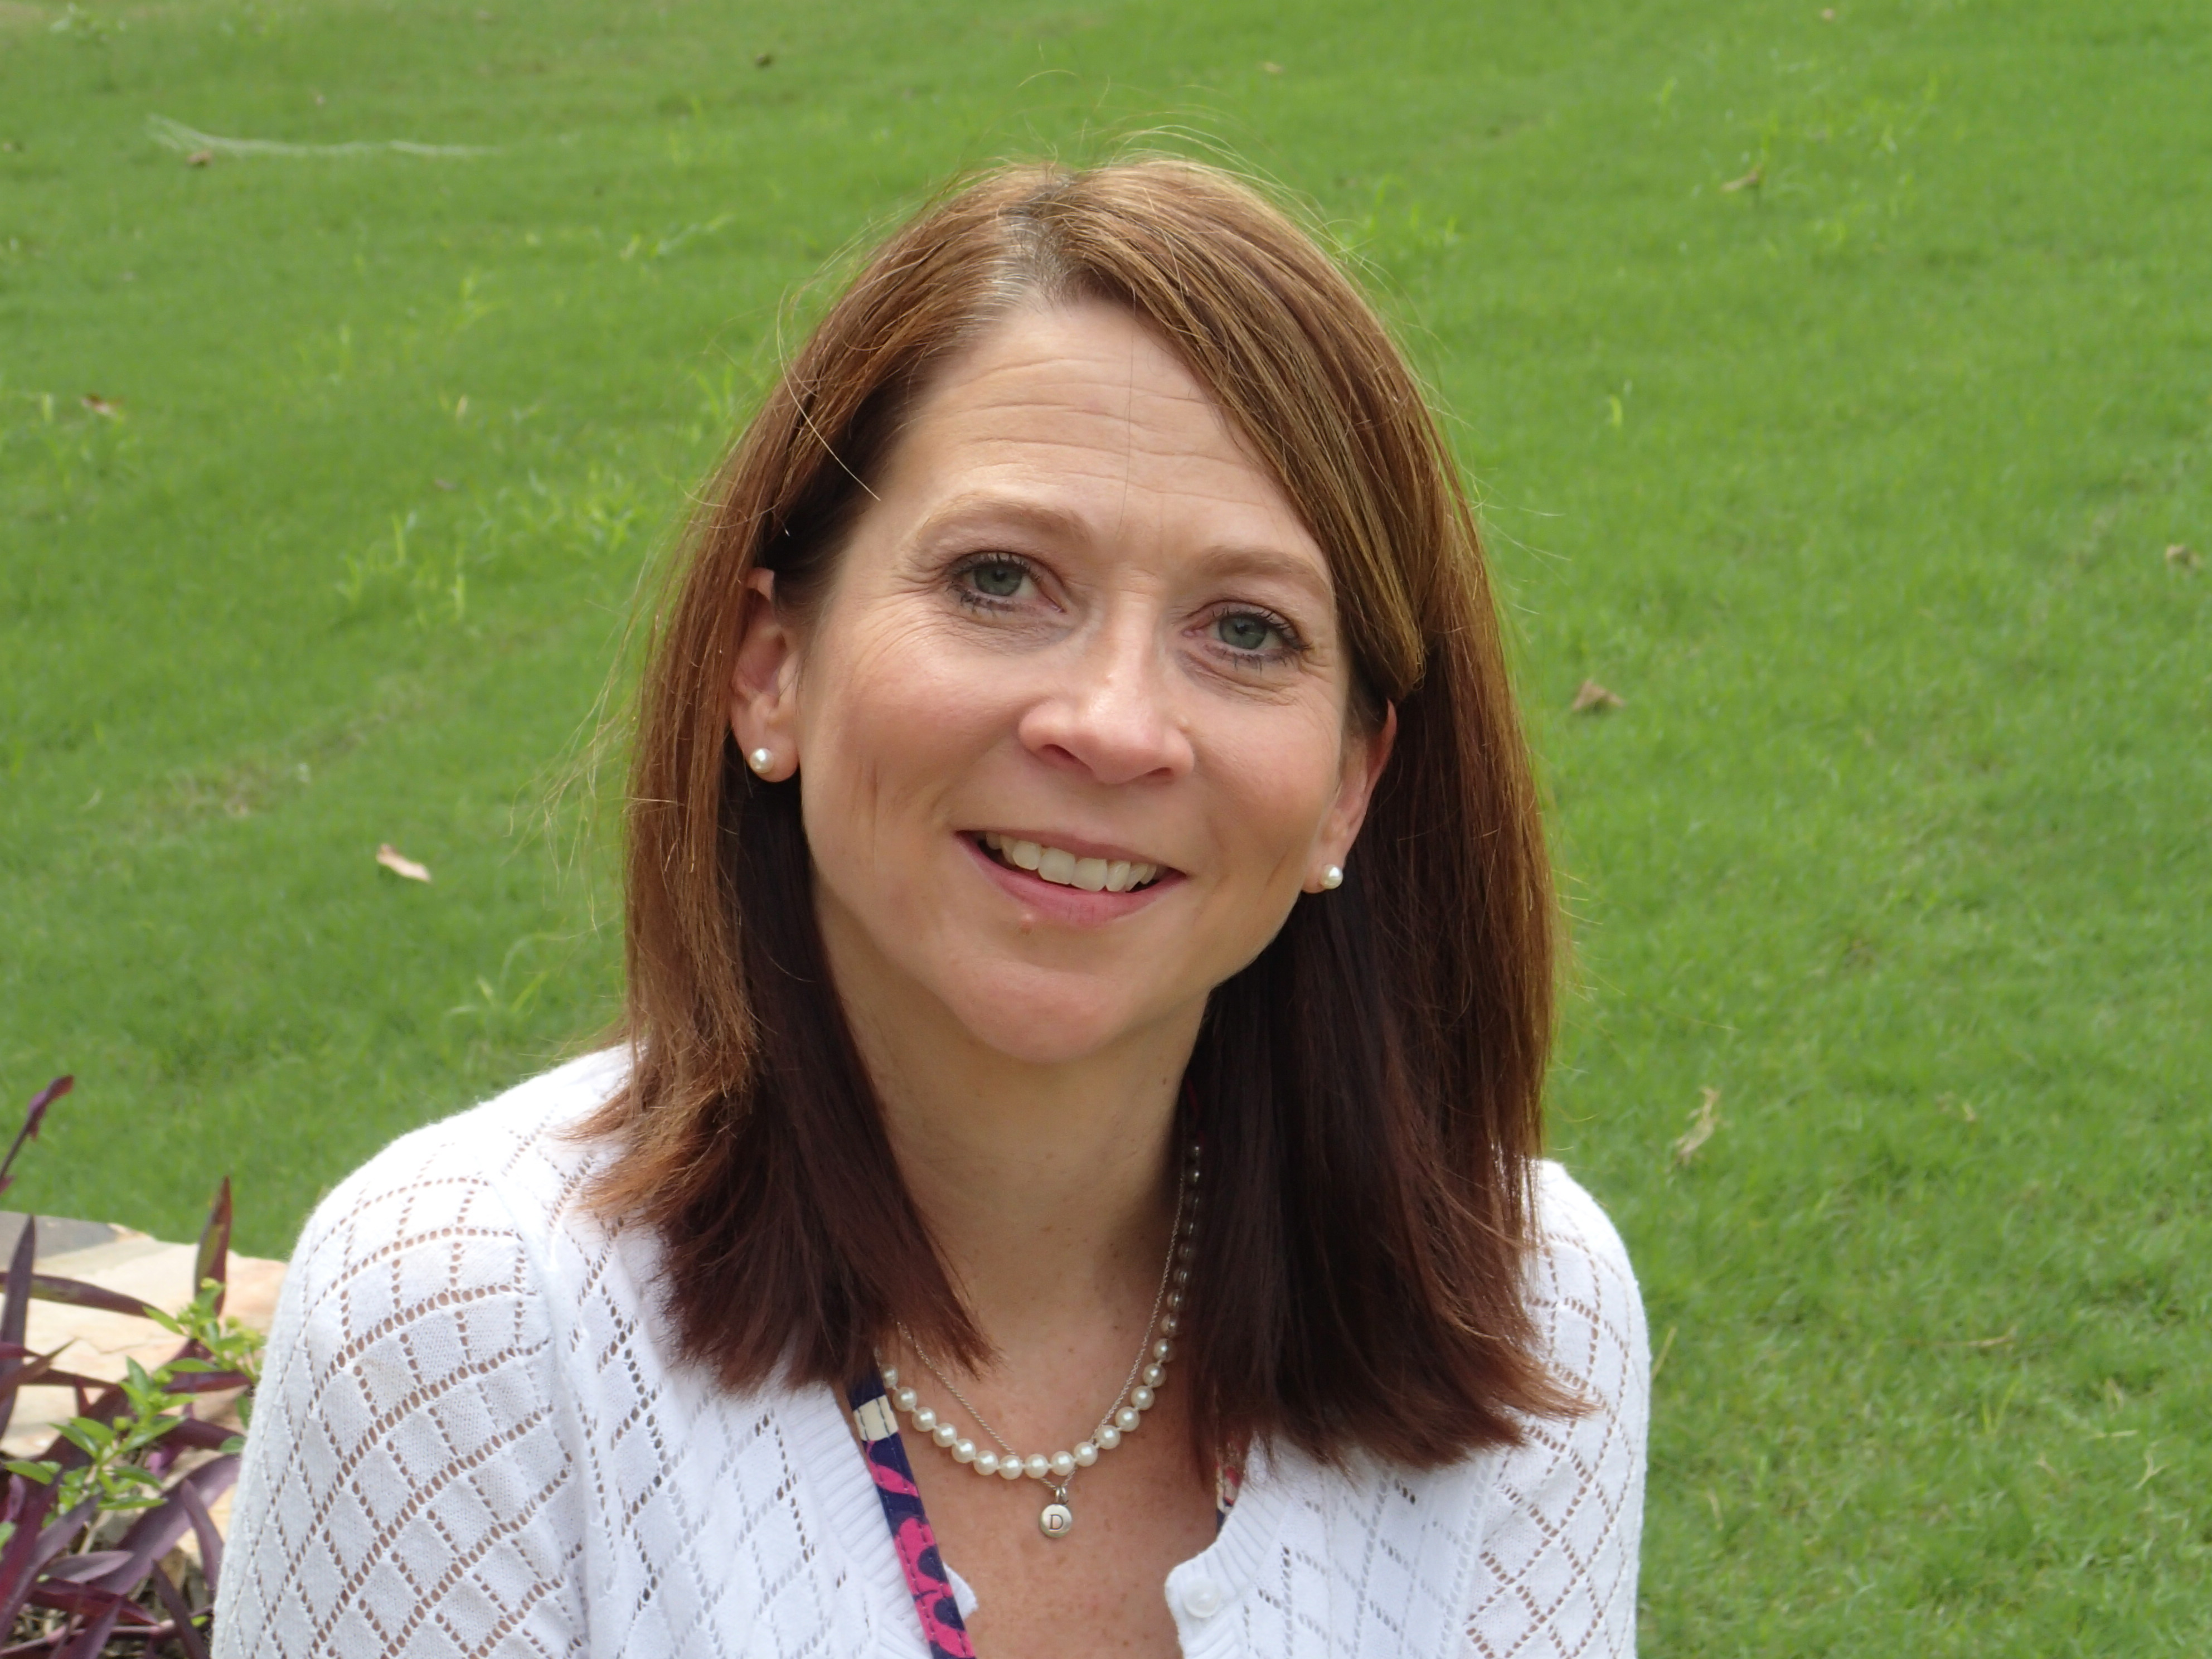 Debbie Calvert